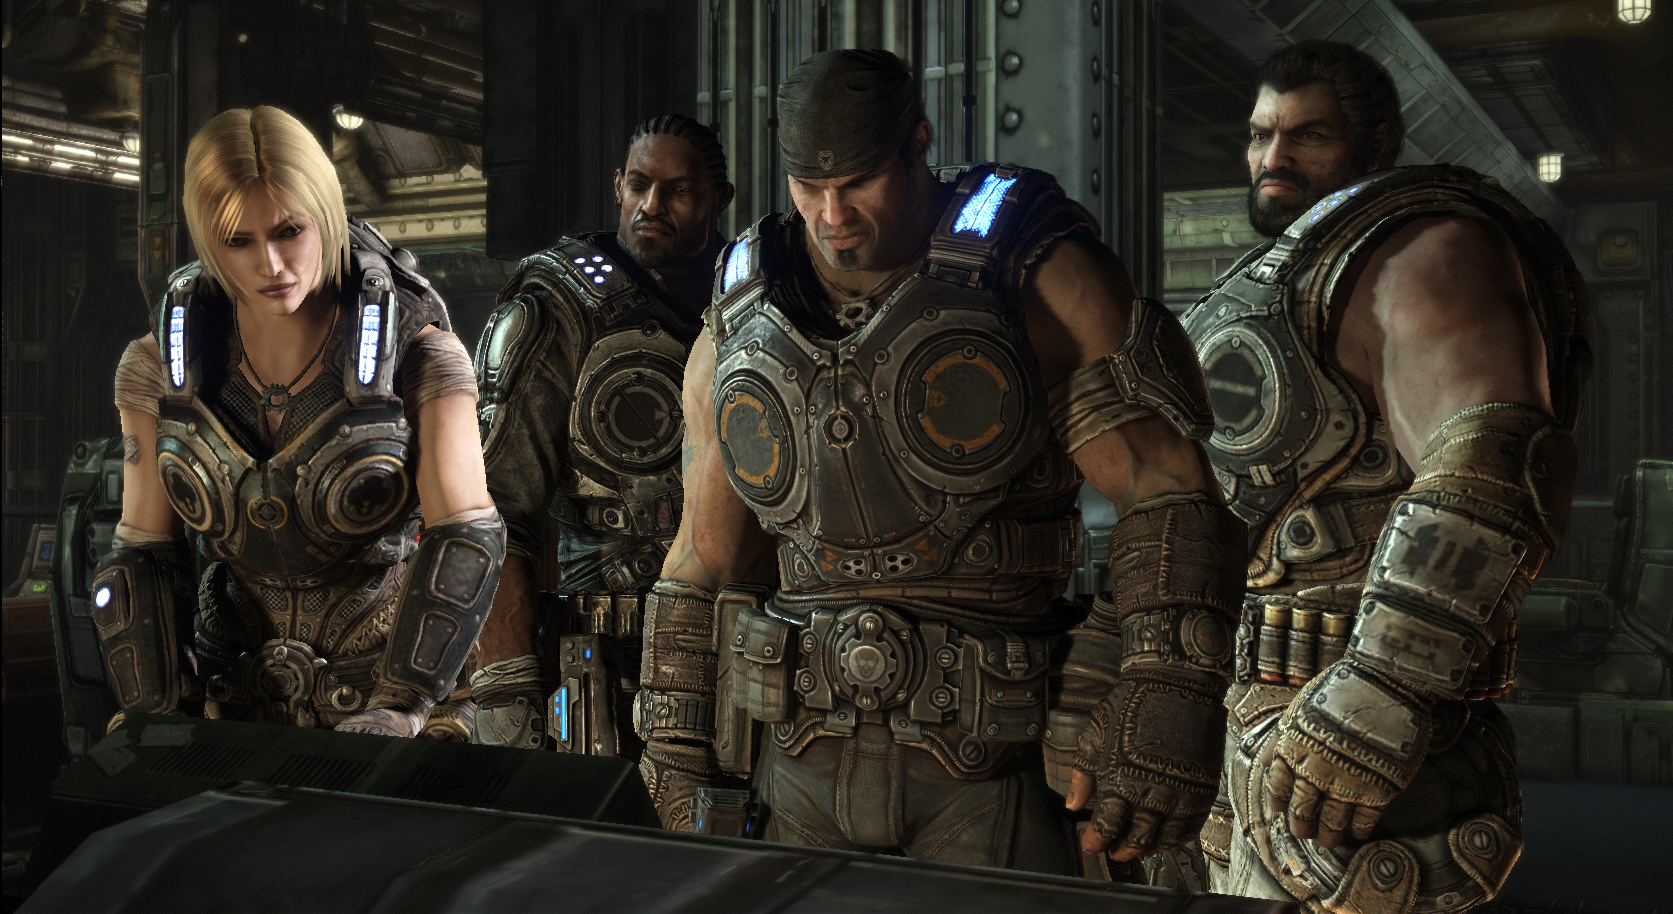 「Gears of War 3」はキャラクターの肌の質感や演技にも注目